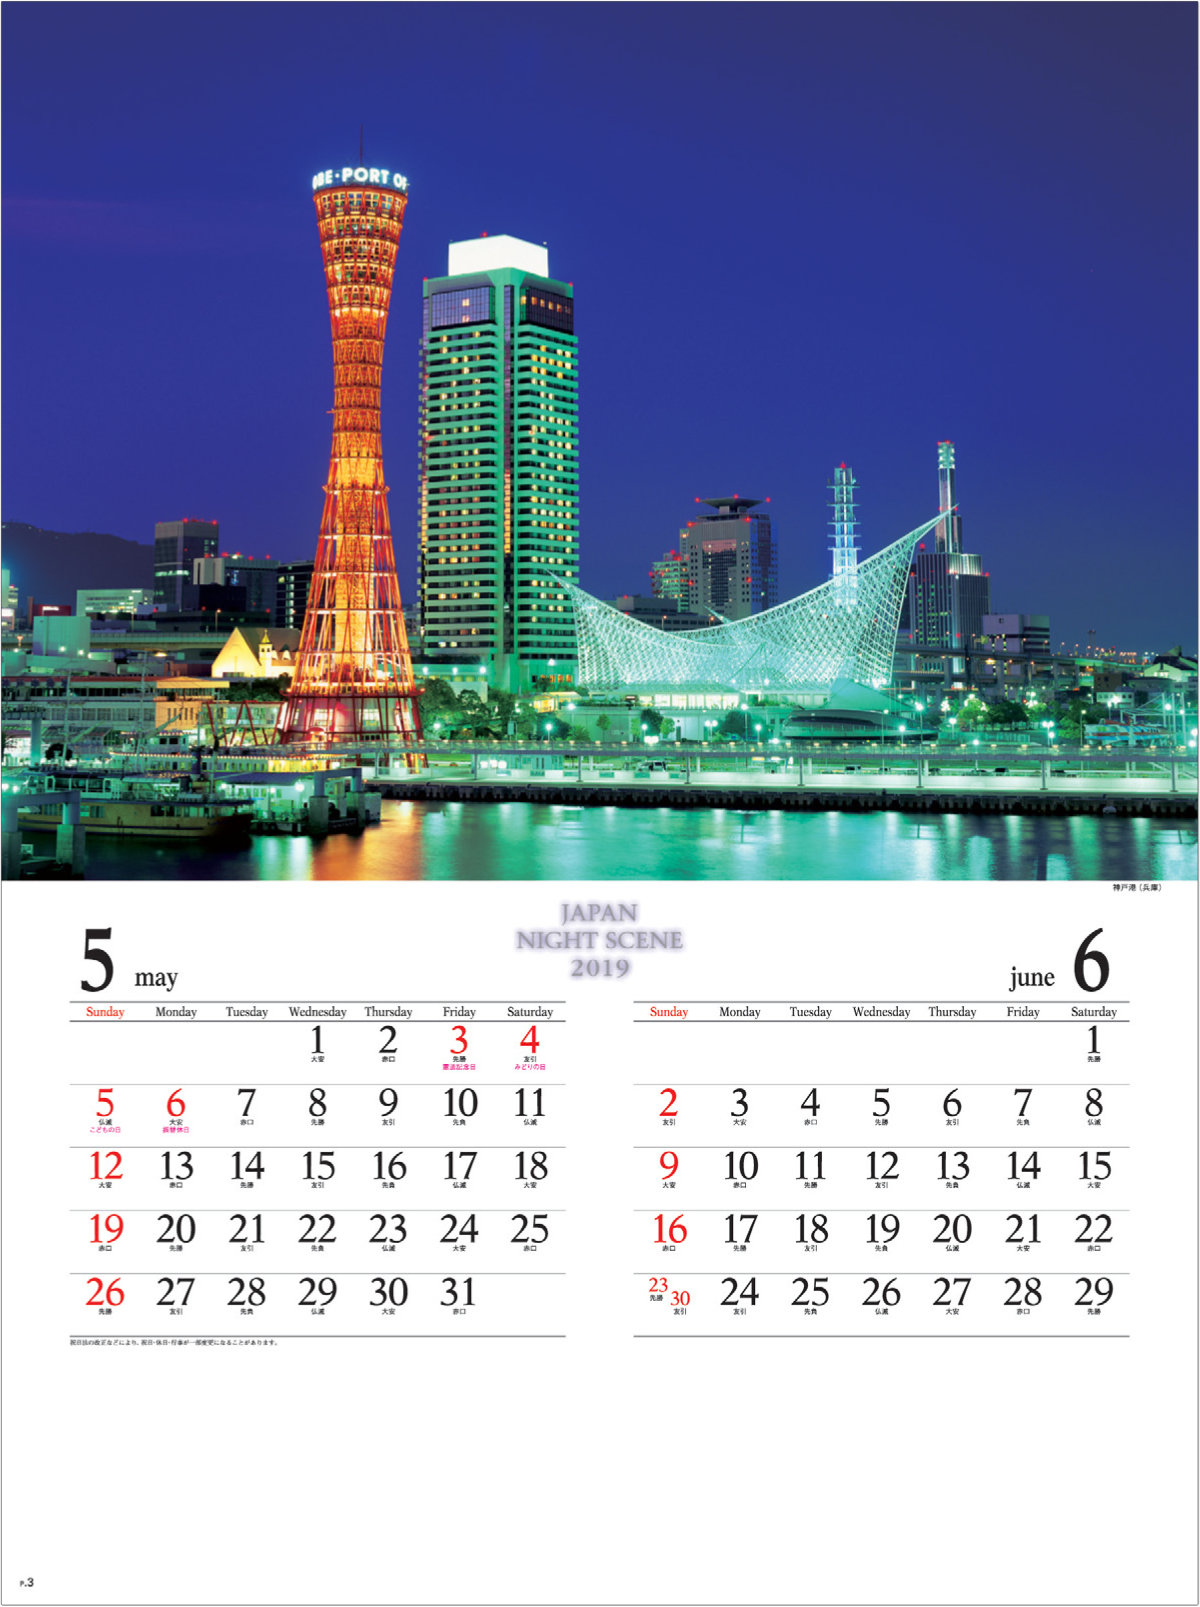 画像:兵庫県 神戸港と神戸メリケンパークの夜景 ジャパンナイトシーン 2019年カレンダー